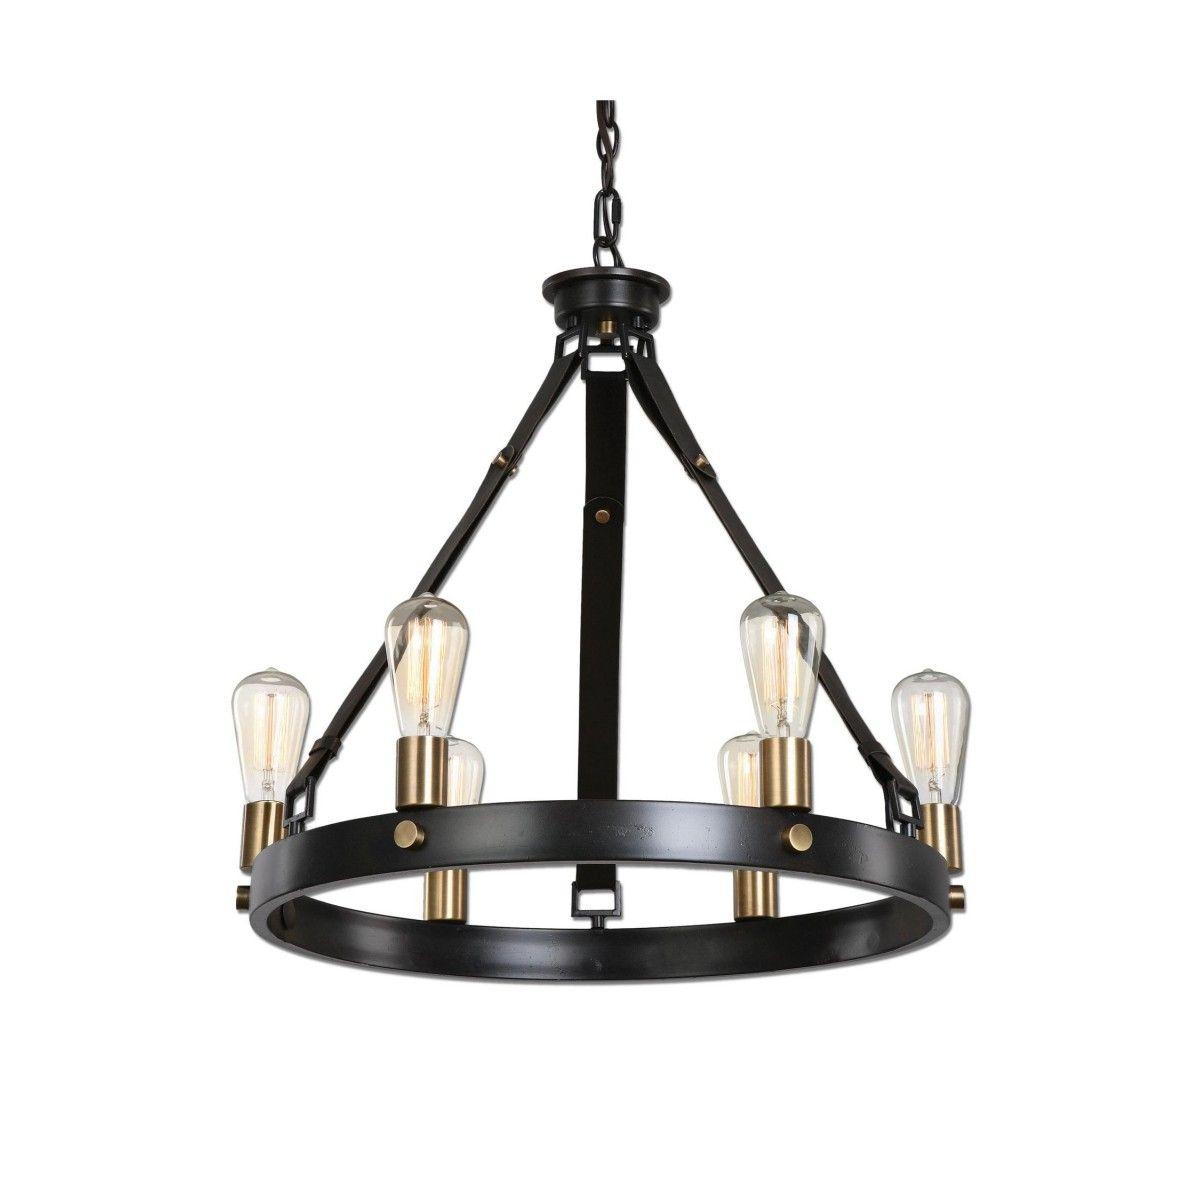 Uttermost marlowe industrial style chandelier montreal lighting uttermost marlowe industrial style chandelier montreal lighting hardware mozeypictures Gallery